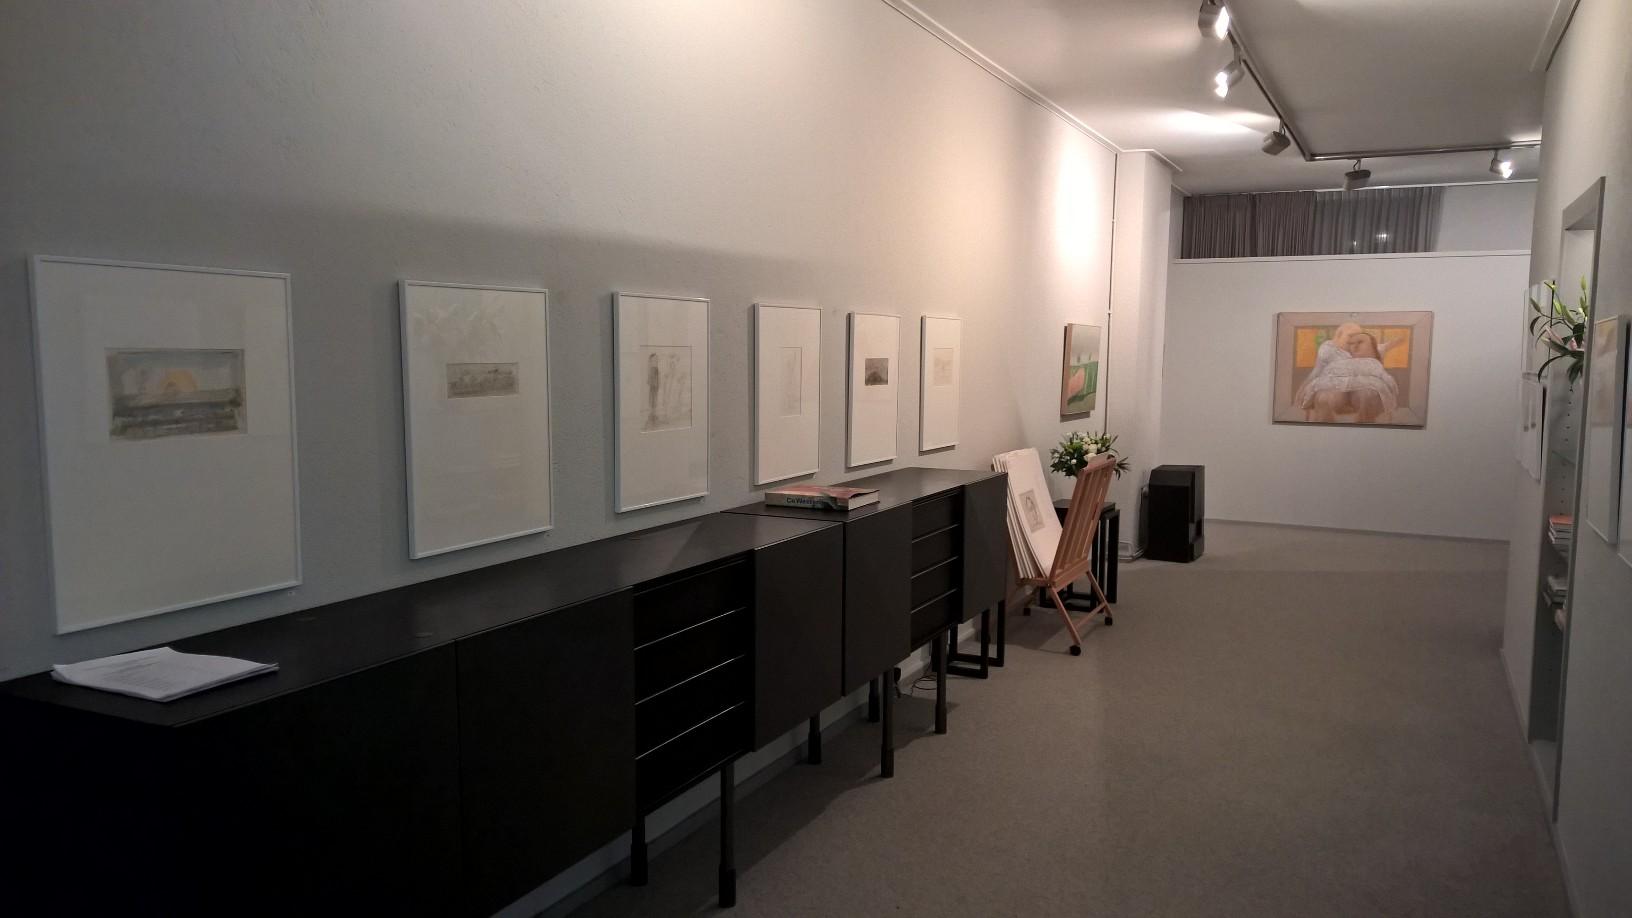 Galerie fenna de vries wikipedia for Gulden interieur rotterdam